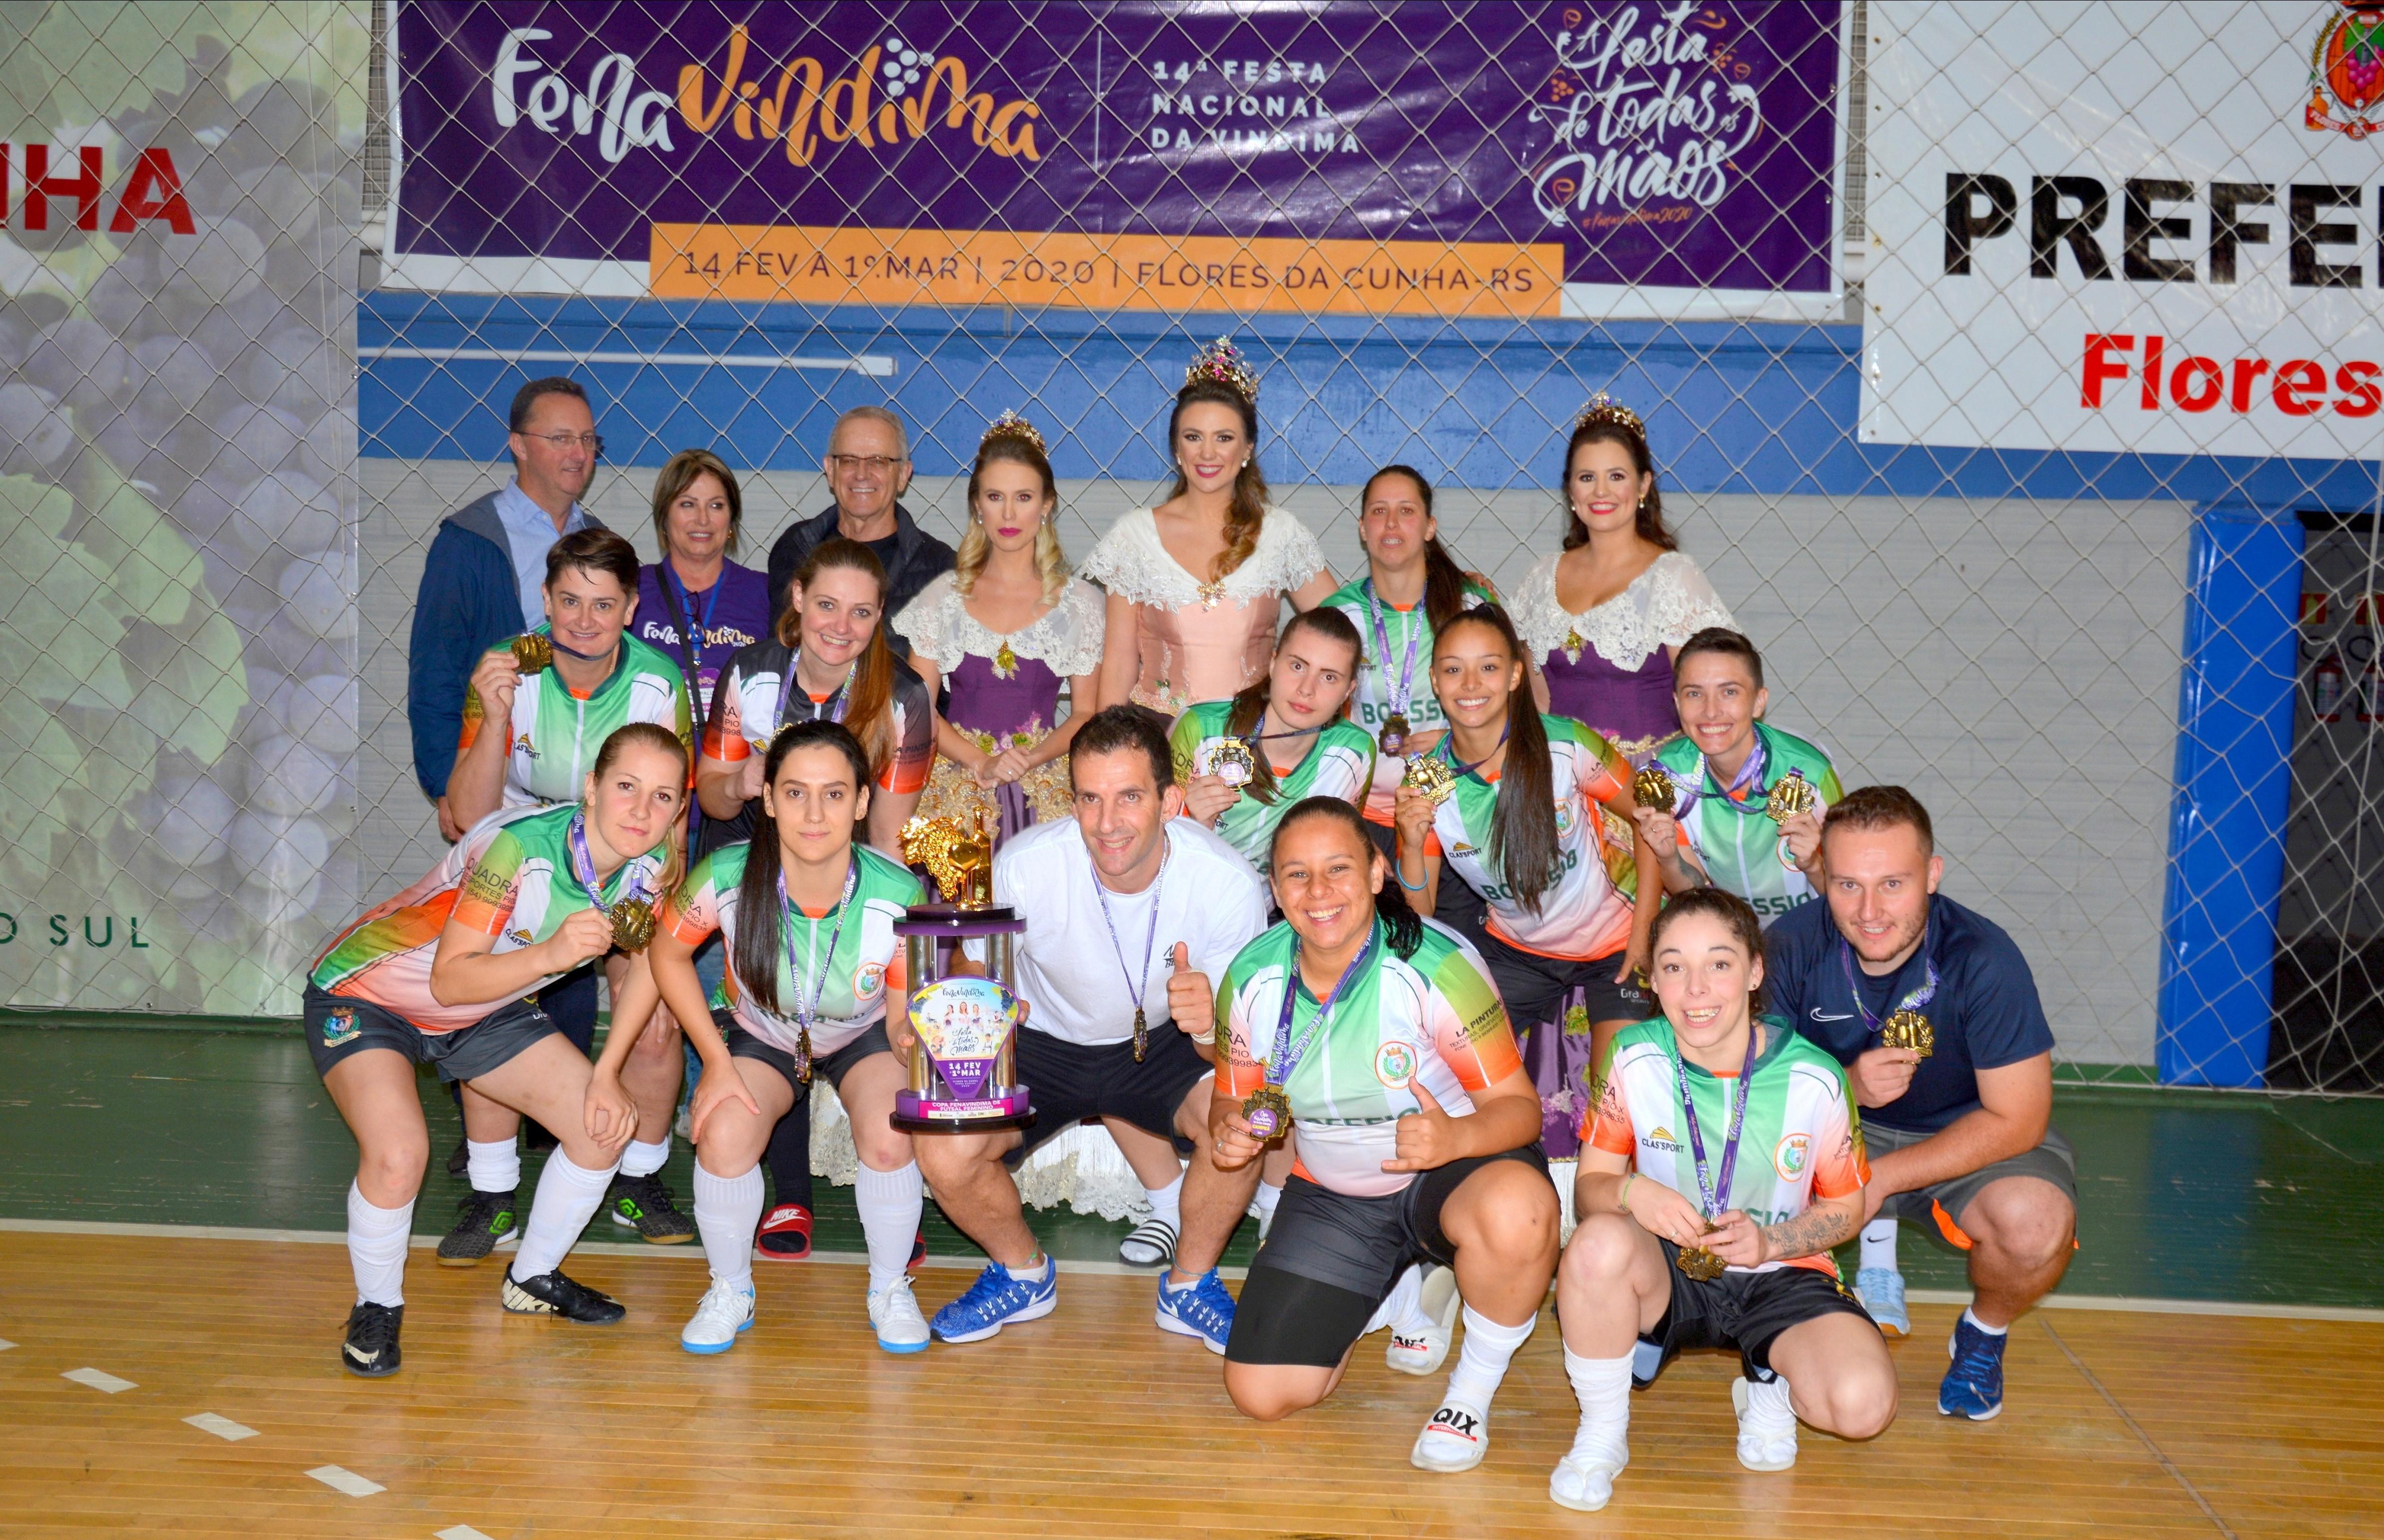 Equipe 1º de Maio é campeã da Copa FenaVindima de futsal feminino